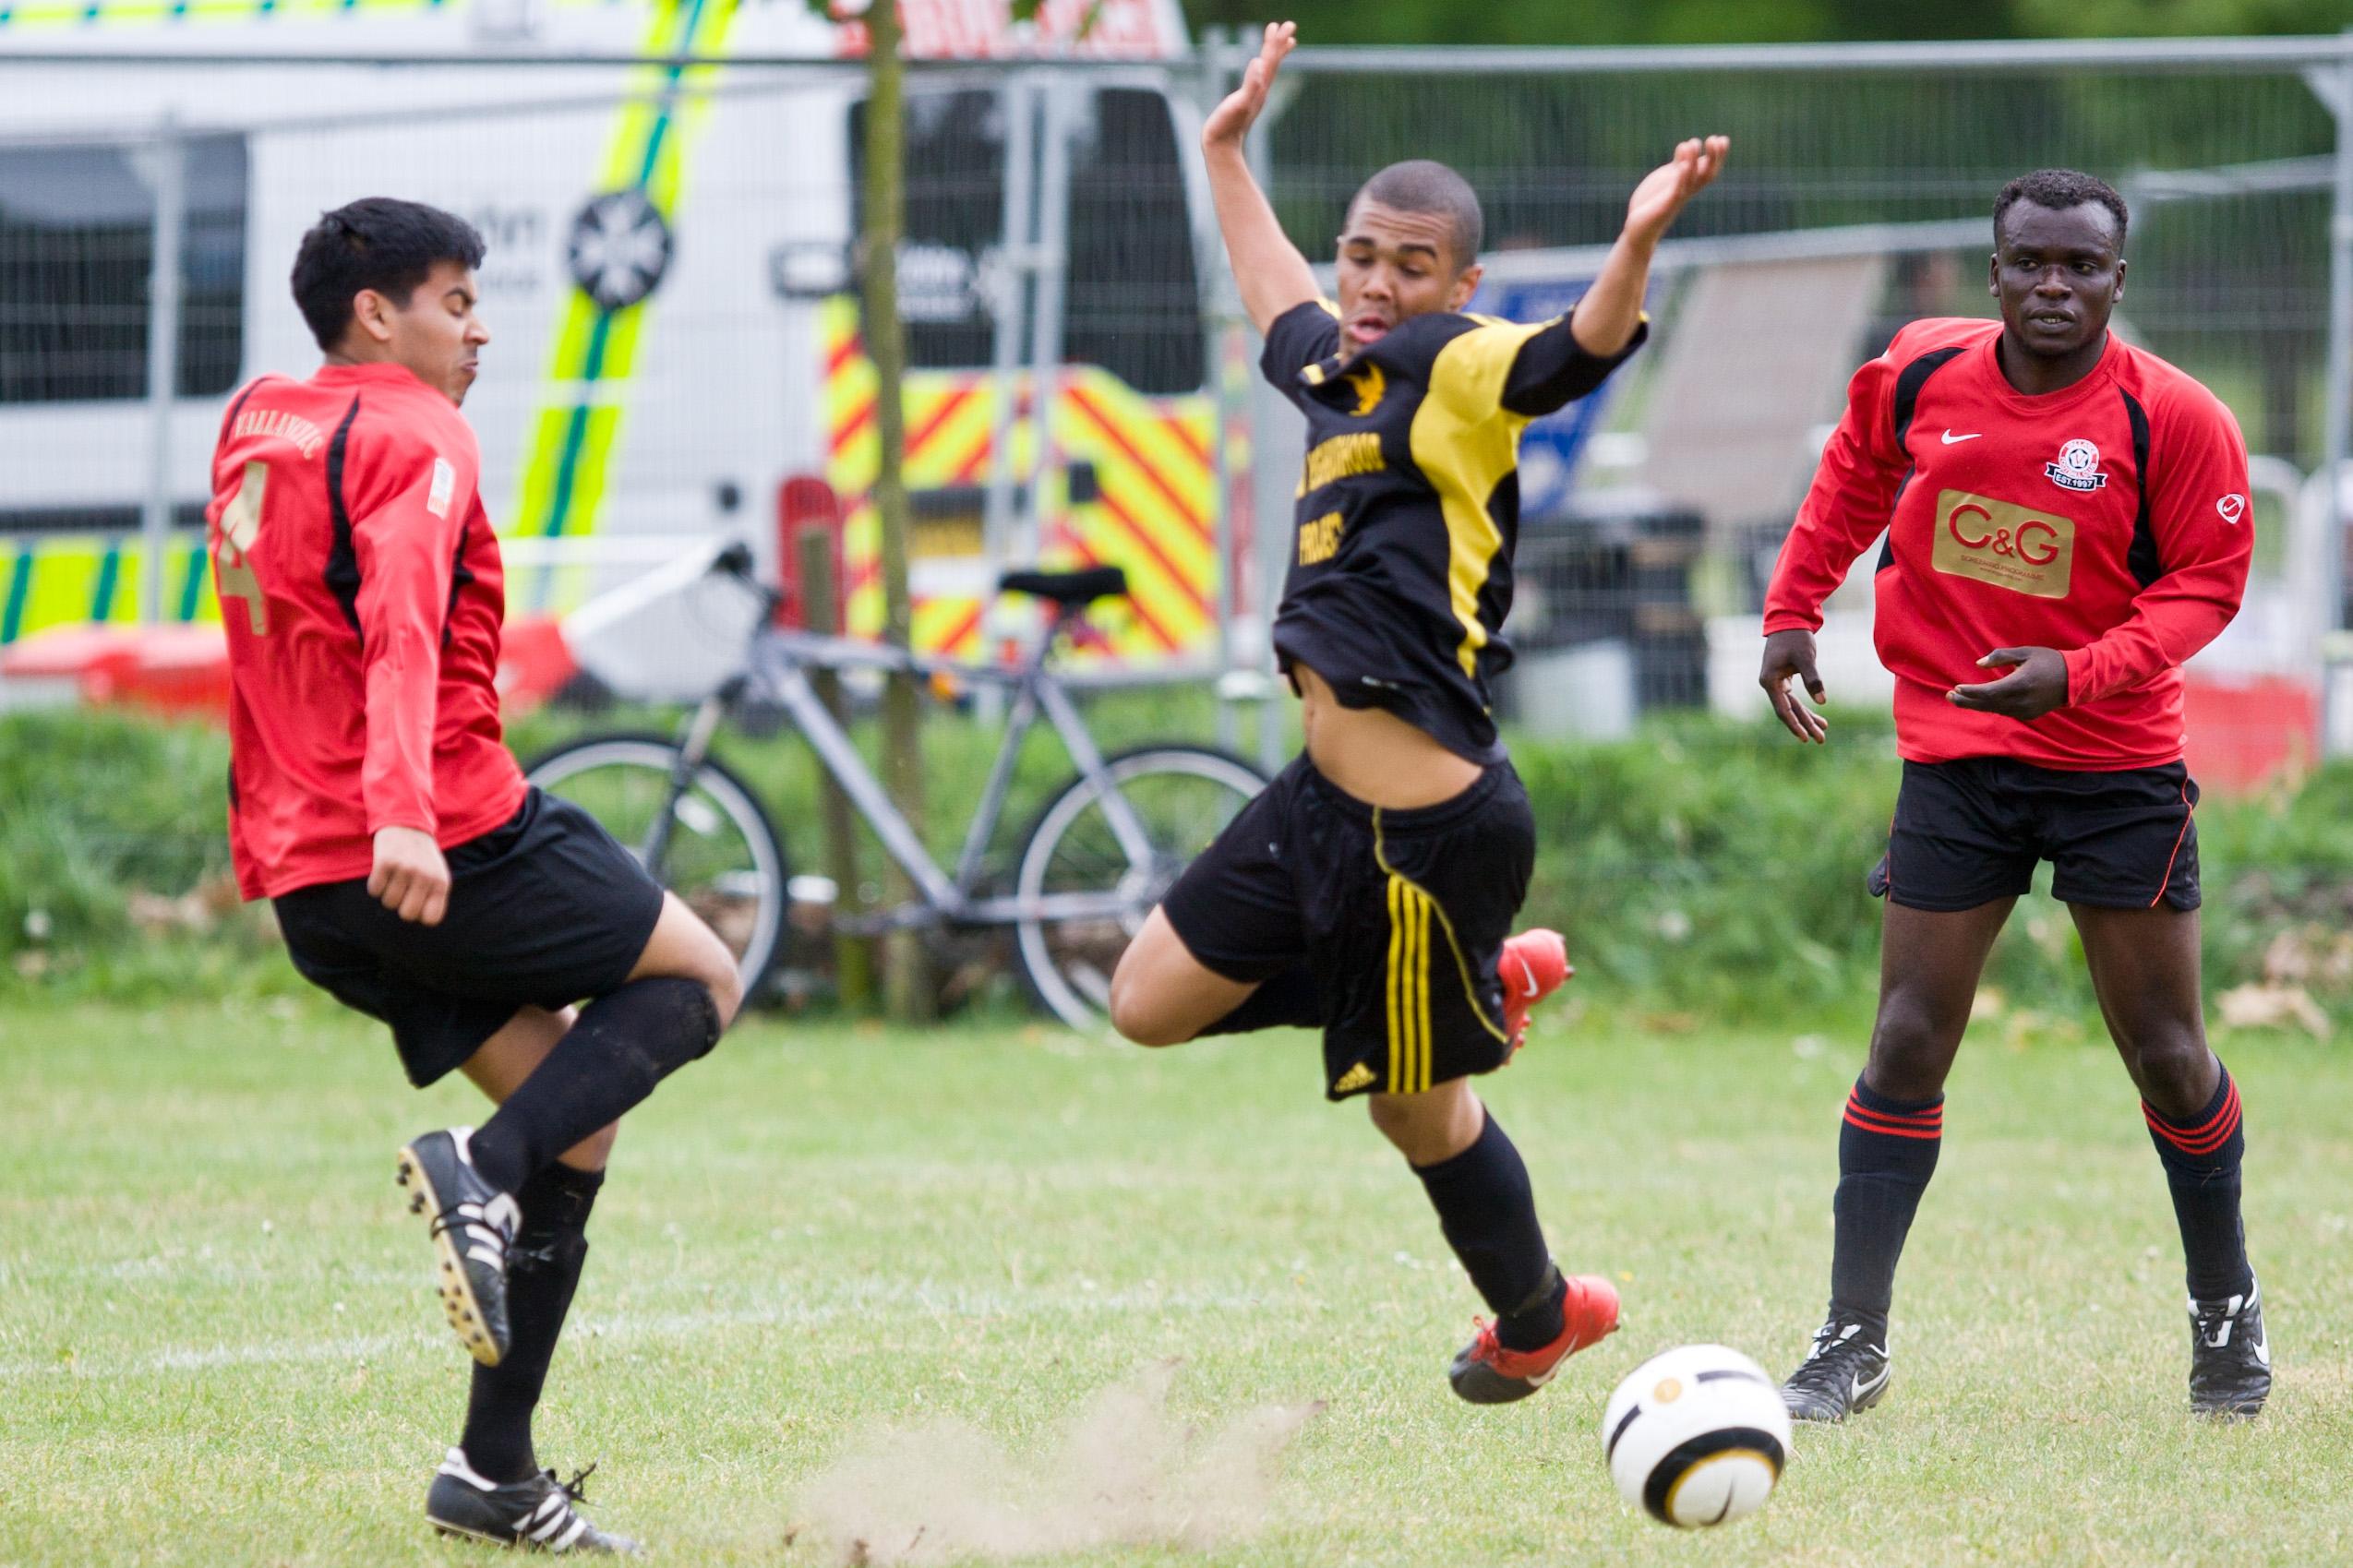 VFC senior in action prt 2.jpg